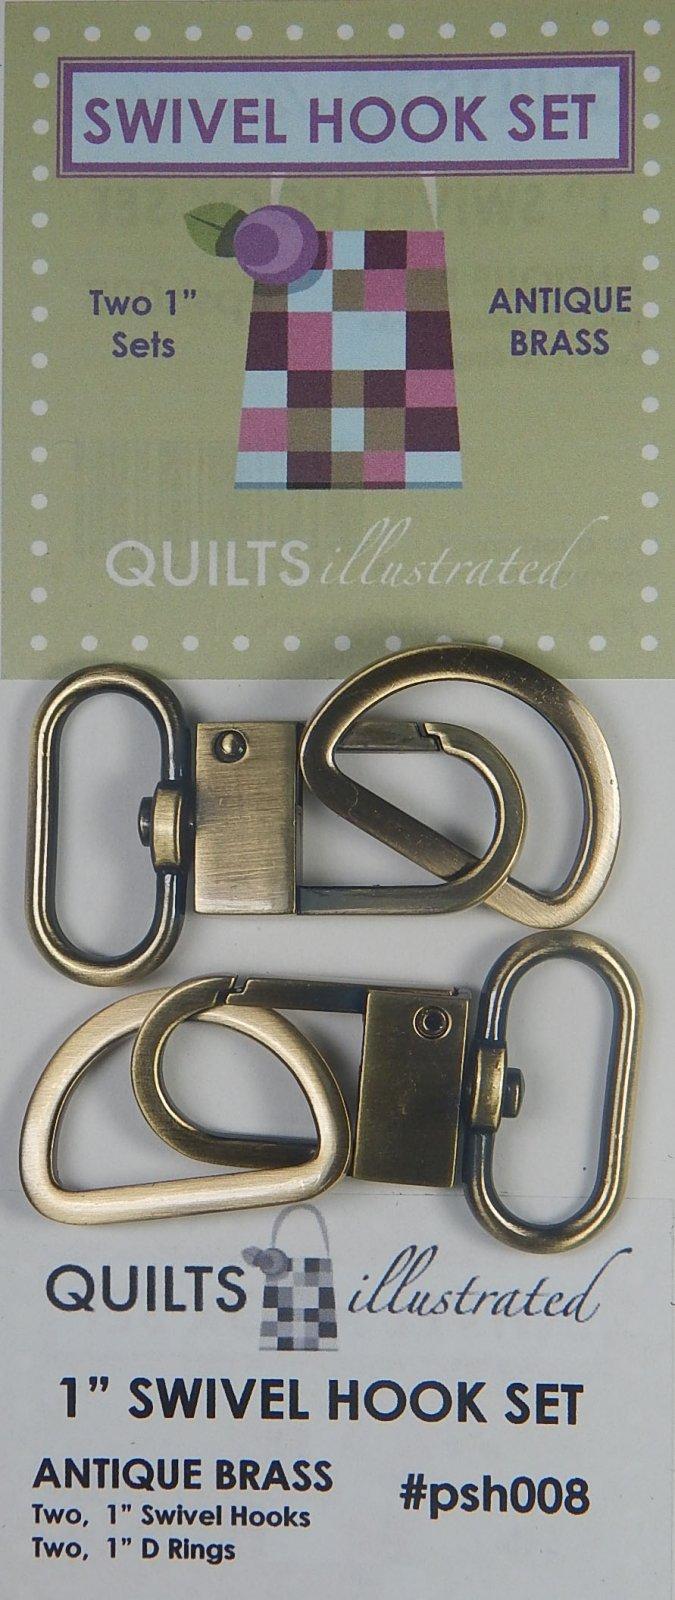 1 Swivel Hook Set - Antique Brass - psh008